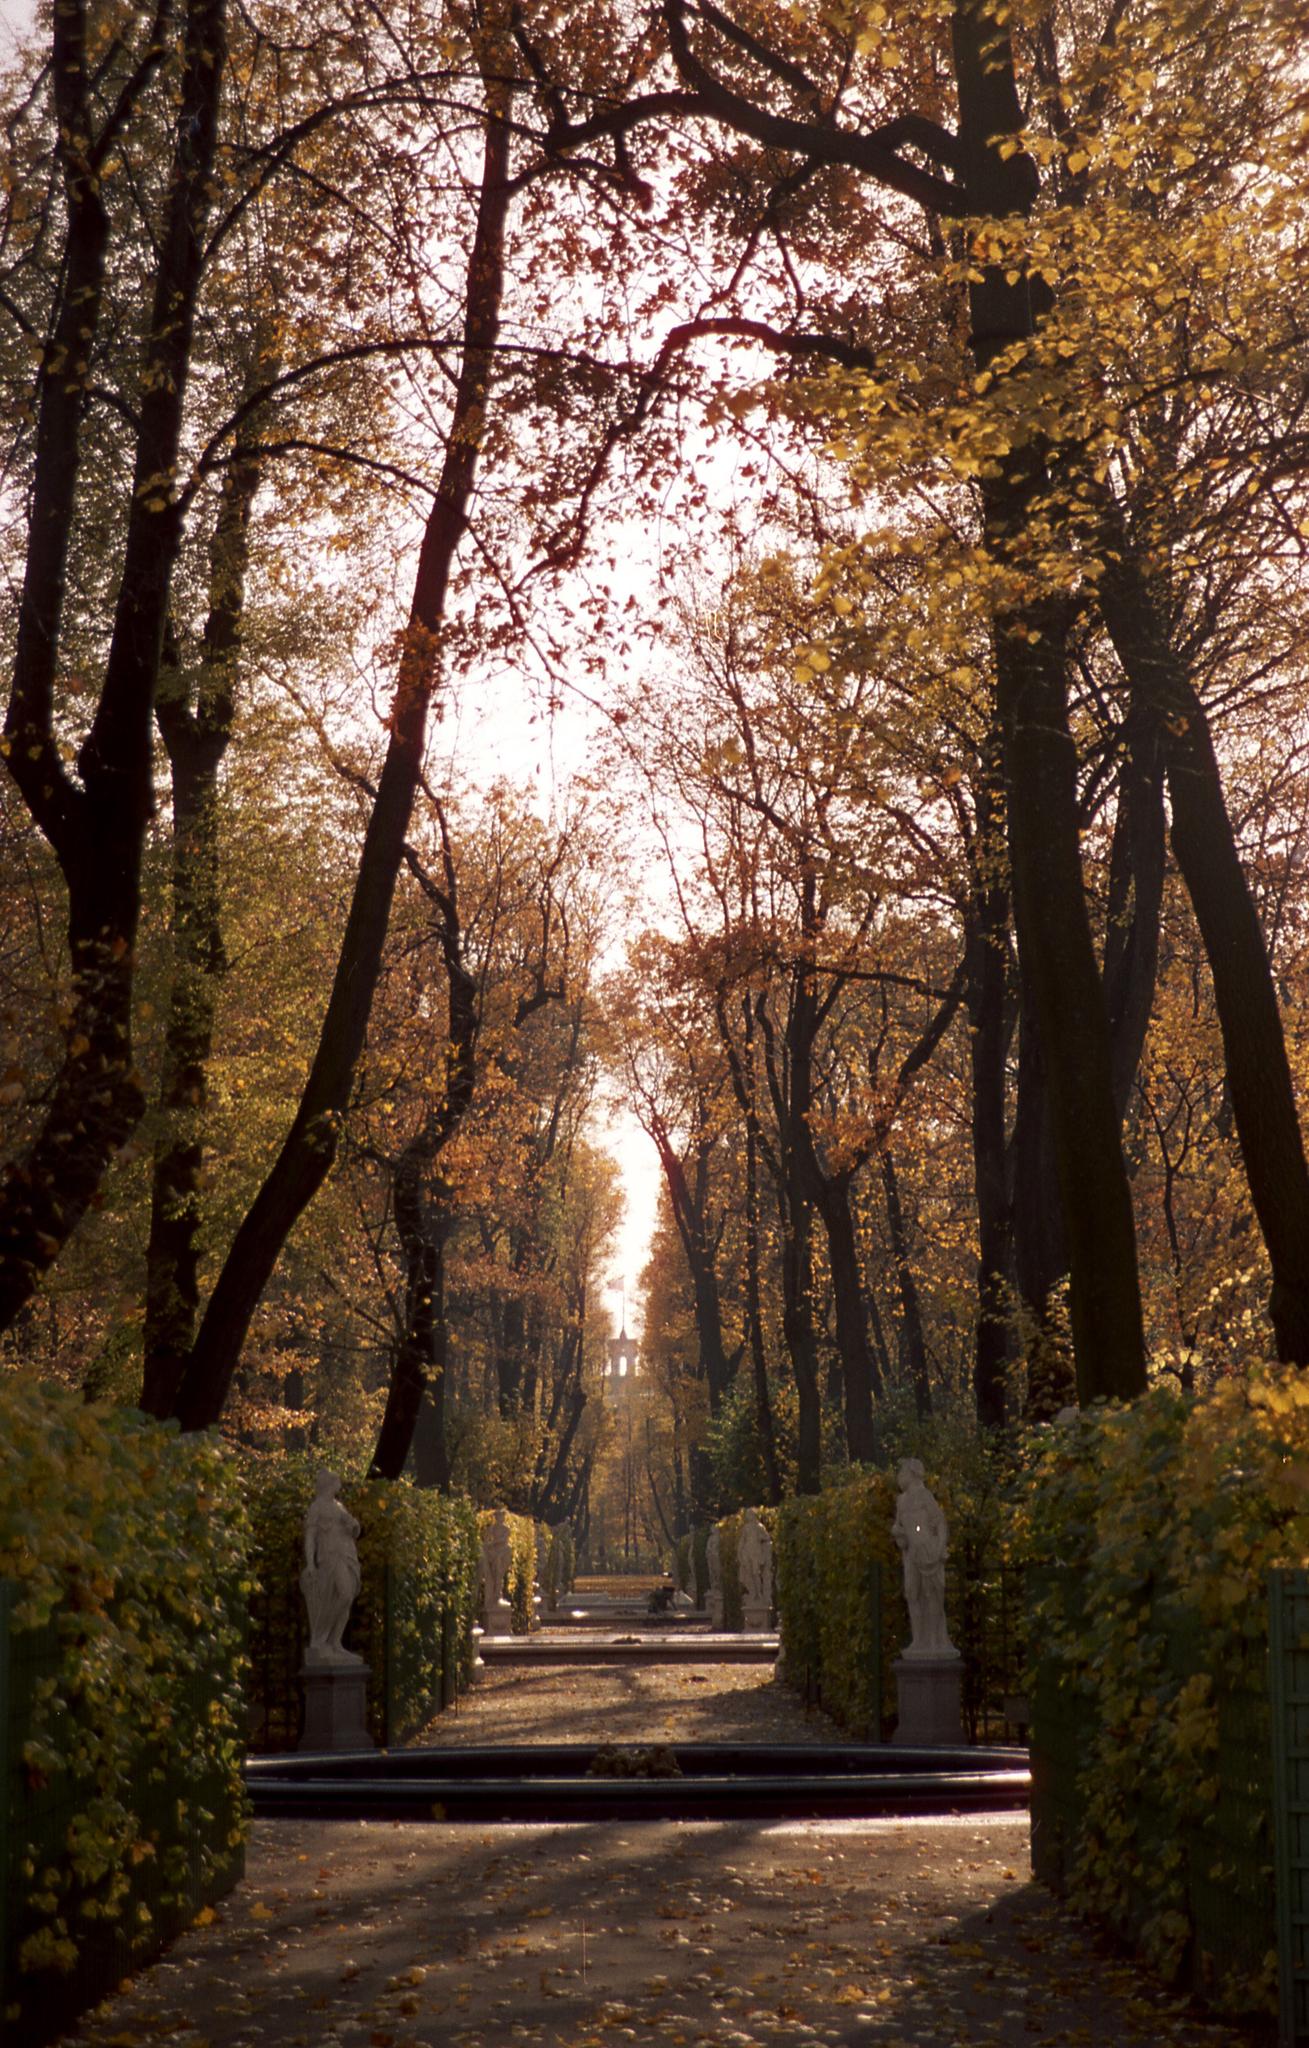 CINESTILLFILM CineStill Xpro C-41 Daylight 50. Автор - Сарма Ольга